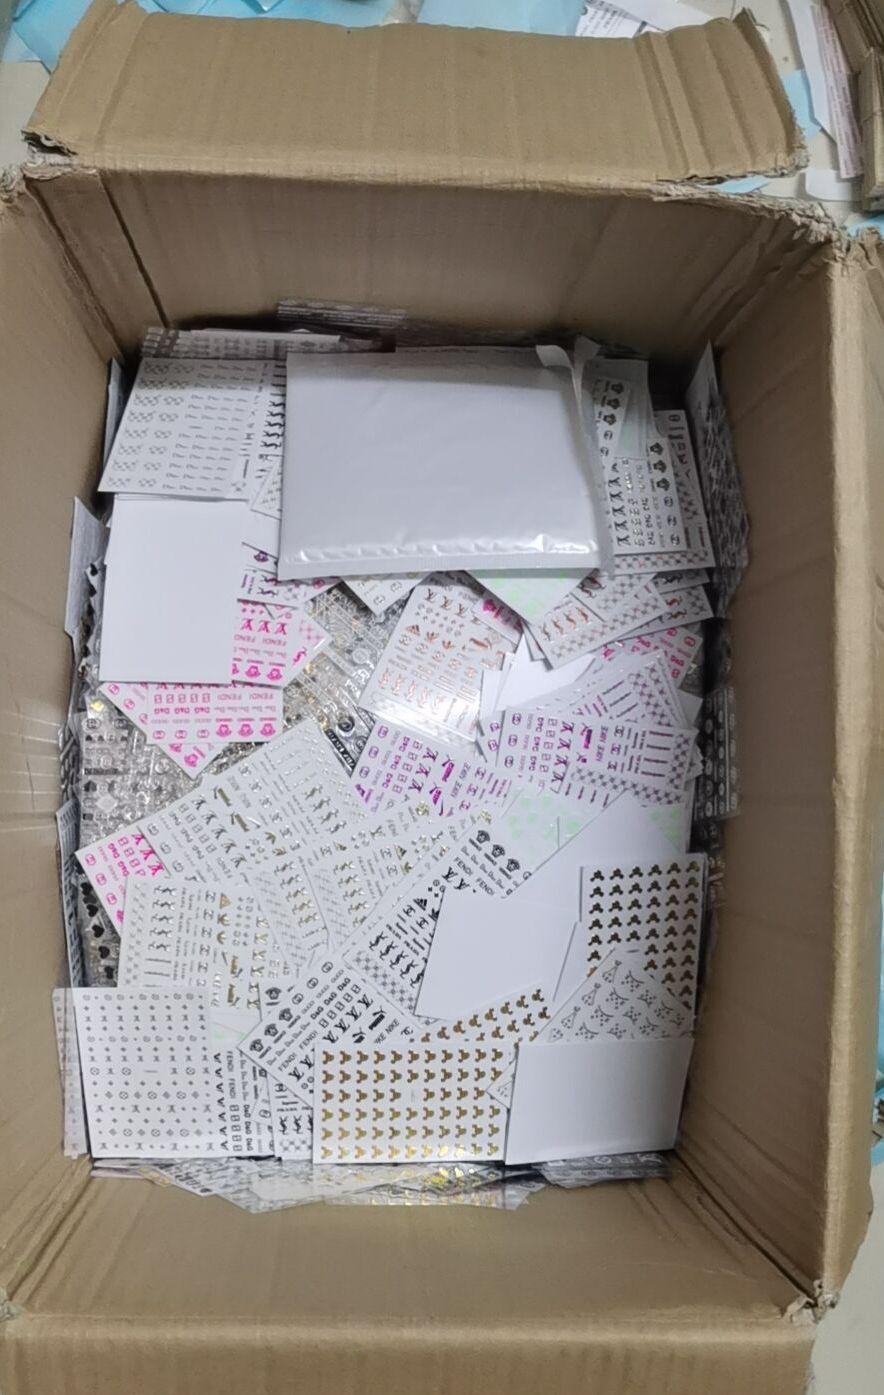 20 листов VDSM серии D красочные наклейки для ногтей с логотипом Стикеры для маникюра наклейки для маникюра художественные украшения